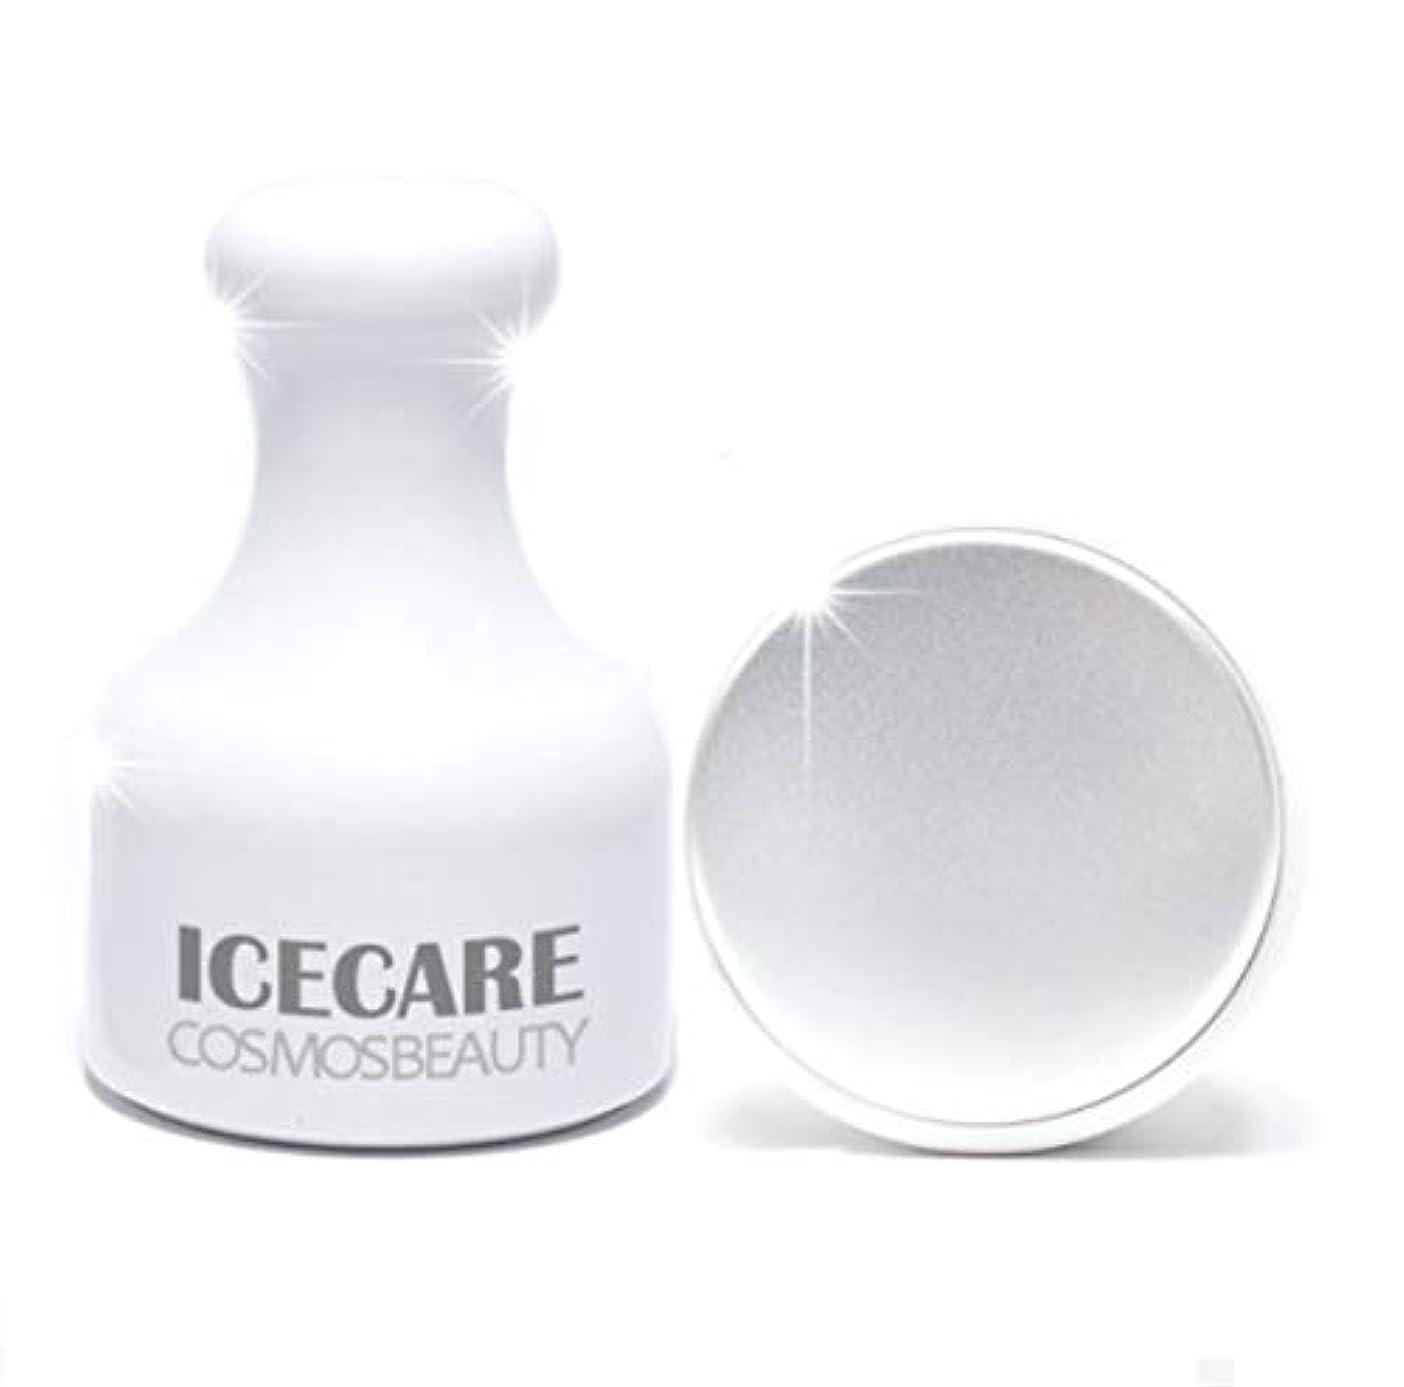 警報削除するハドルCosmosbeauty Ice Care 毛穴ケア、冷マッサージ,フェイスクーラーアイスローラーフェイスローラー顔マッサージ機構の腫れ抜き方法毛穴縮小(海外直送品)